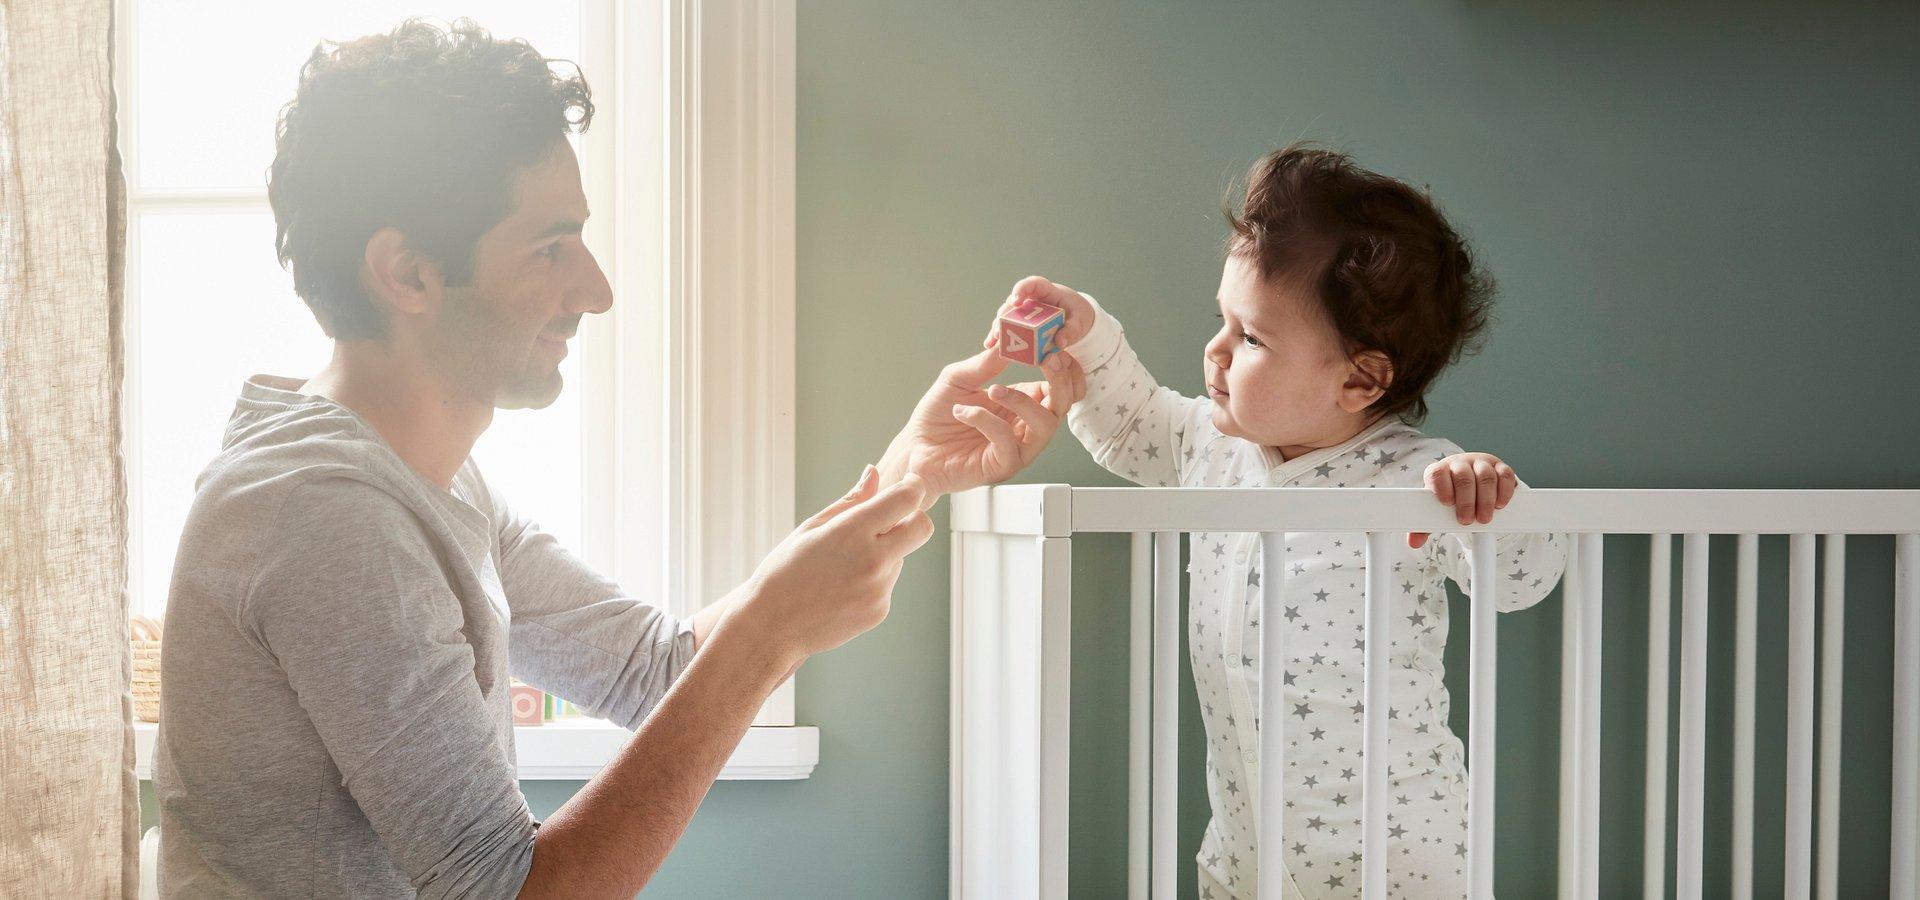 Urlop Ojcowski w IKEA – nowa forma wsparcia dla obojga rodziców